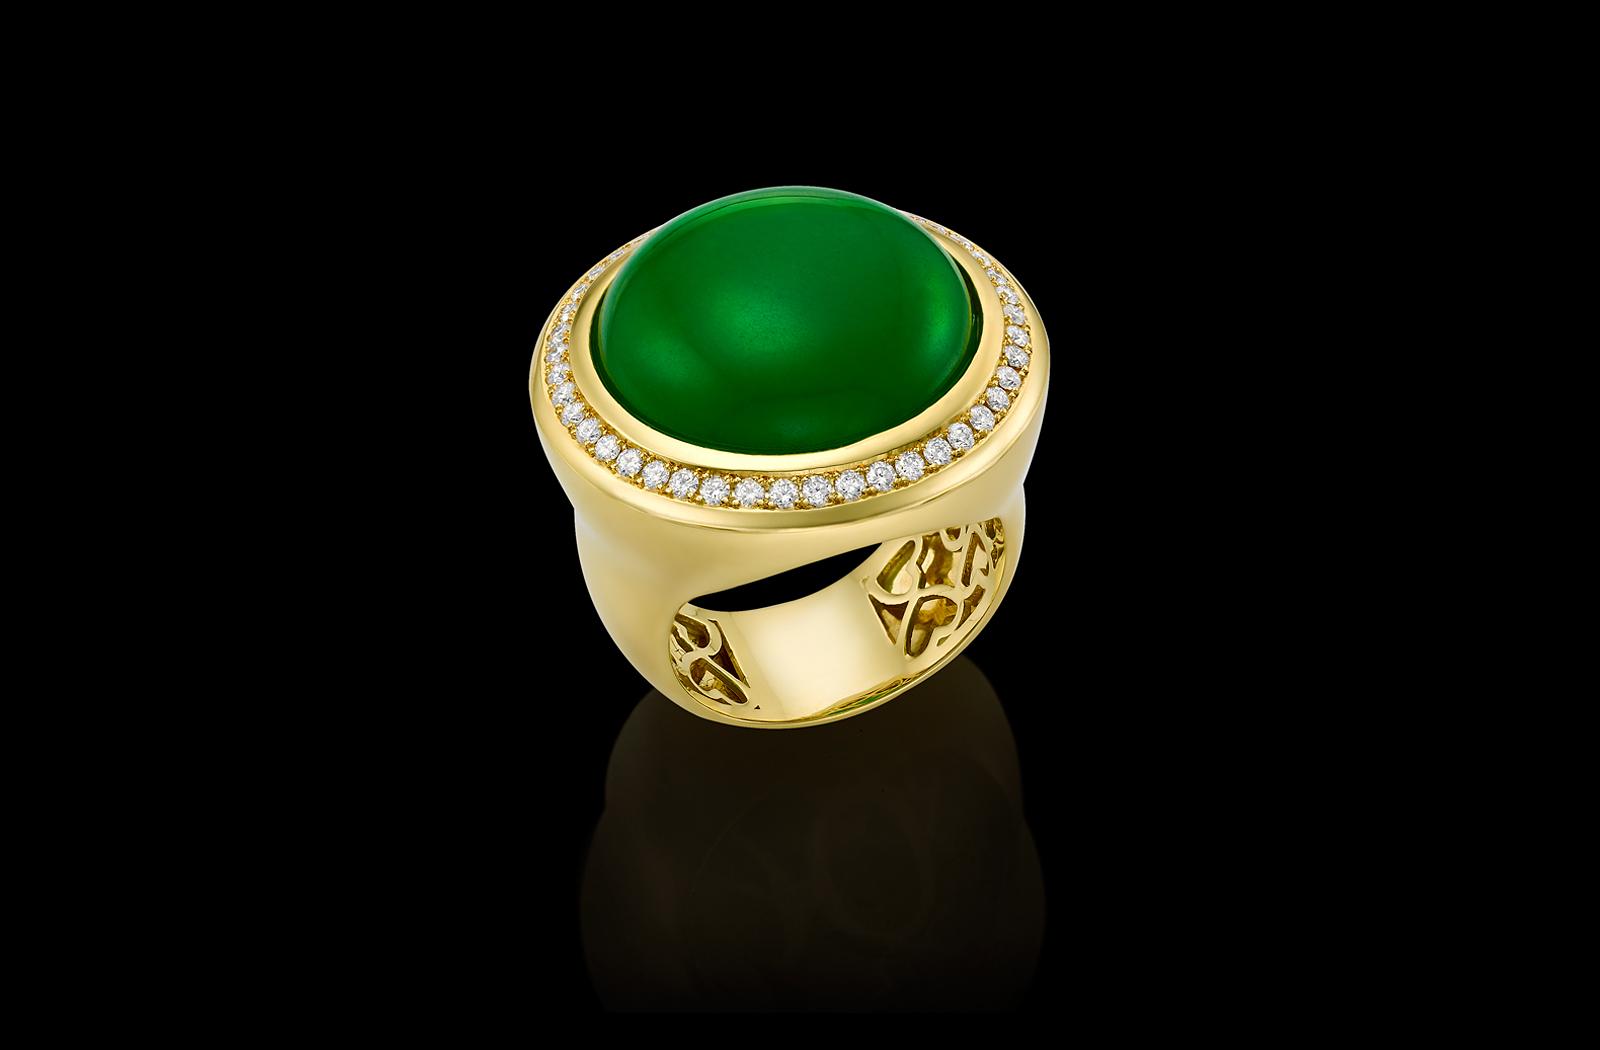 טבעת בזהב צהוב 18K משובצת ג'ייד ויהלומים